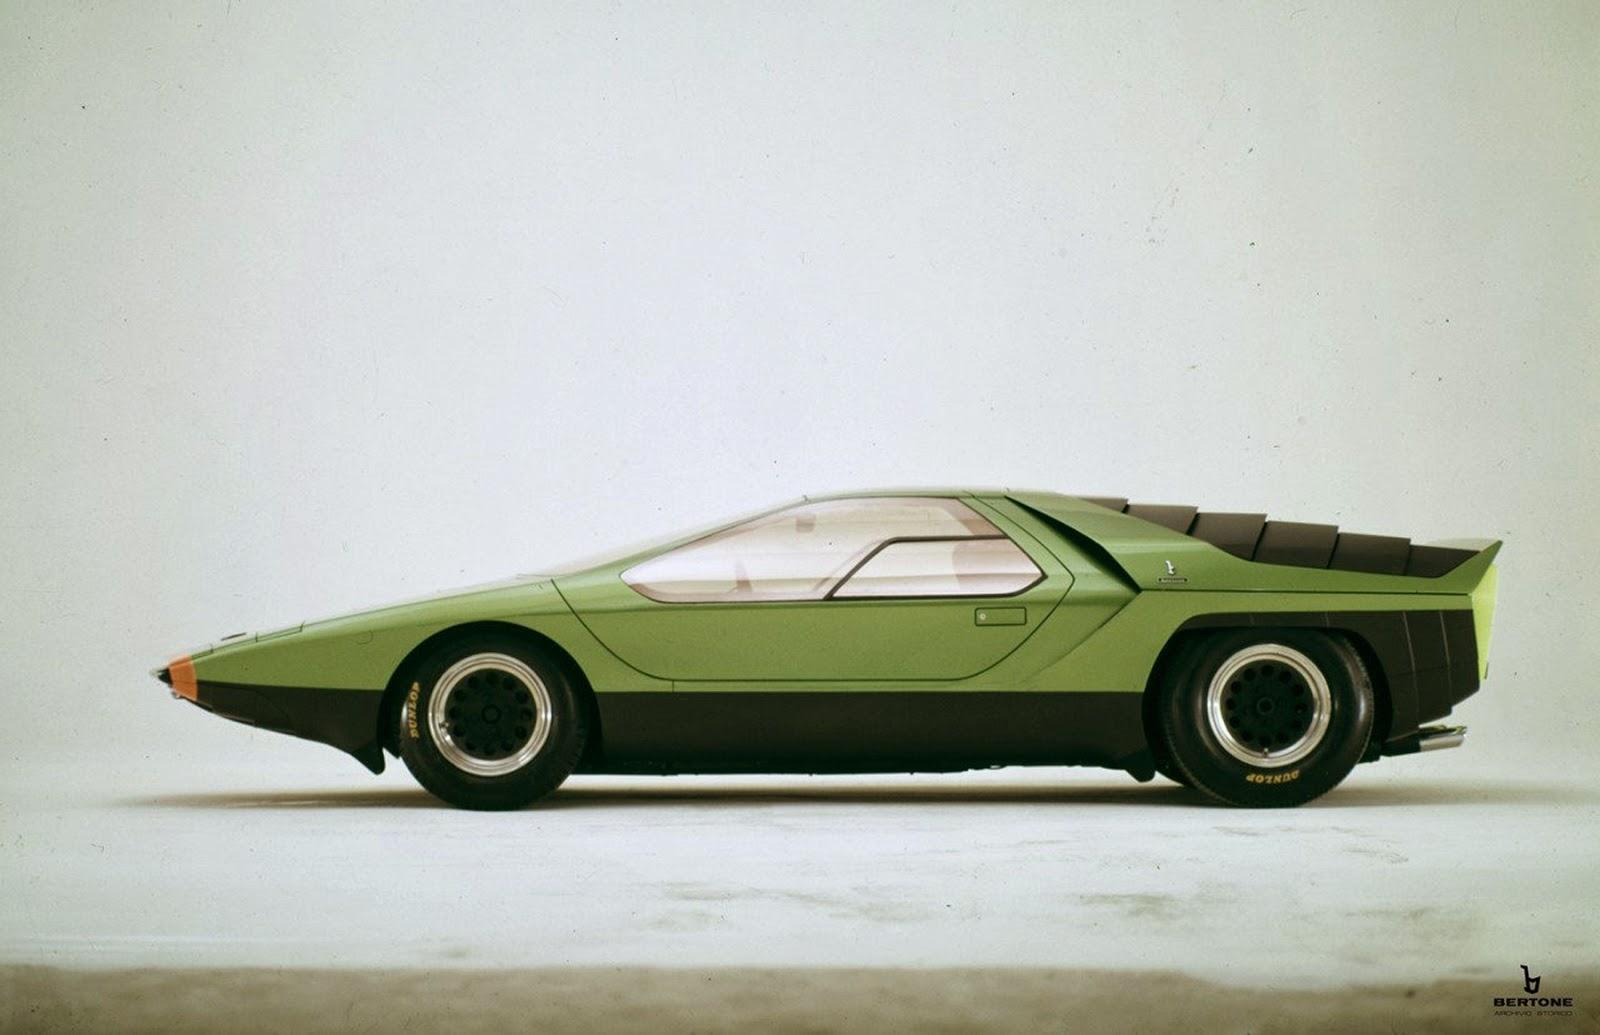 1968 Alfa Romeo Carabo (Bertone) - Studios